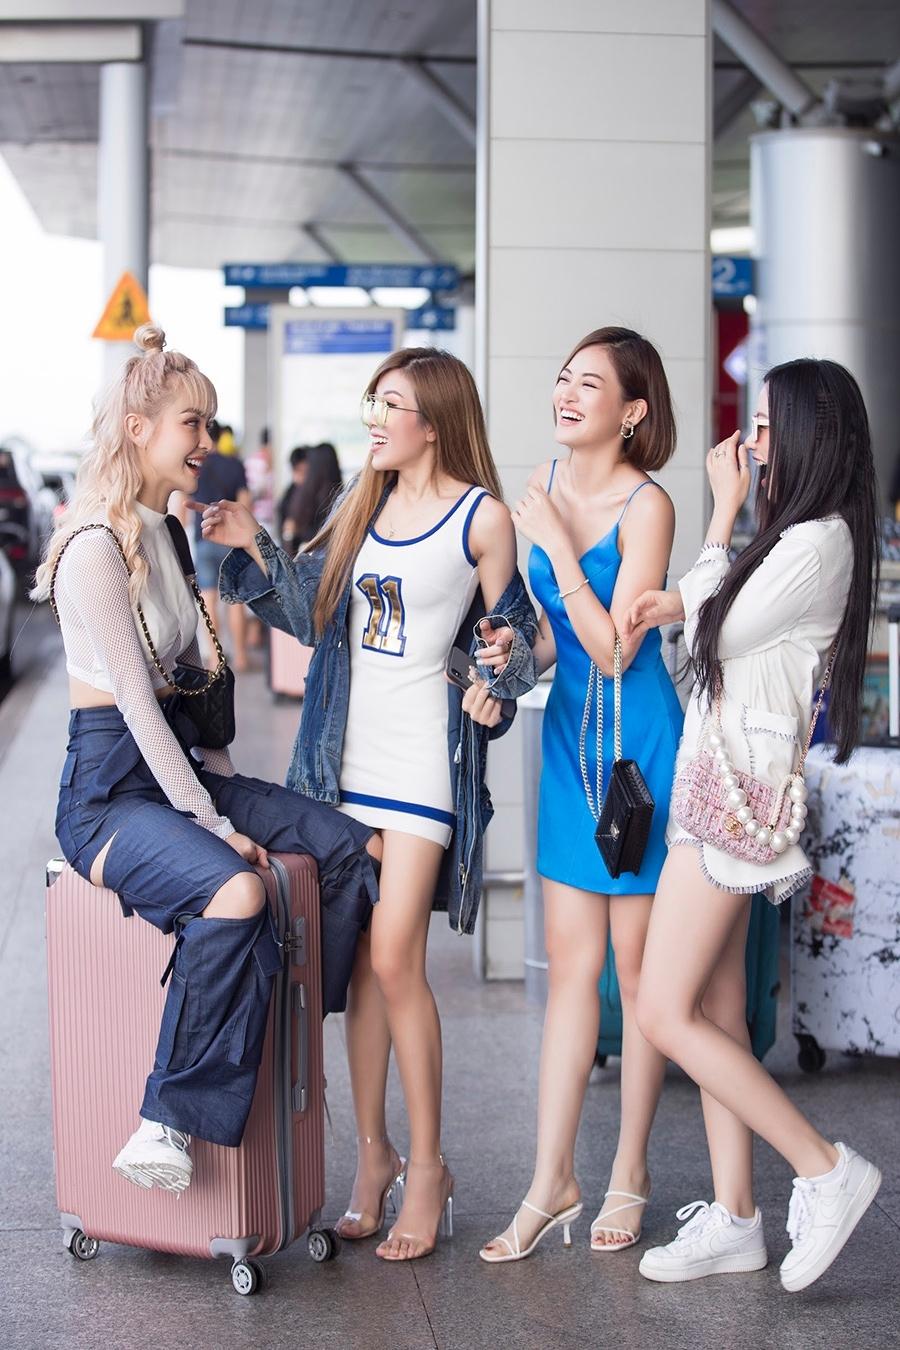 <p> Tại sân bay, bộ tứ tíu tít cười đùa thoải mái. Họ vốn là những chị em chơi thân với nhau nhiều năm qua.</p>